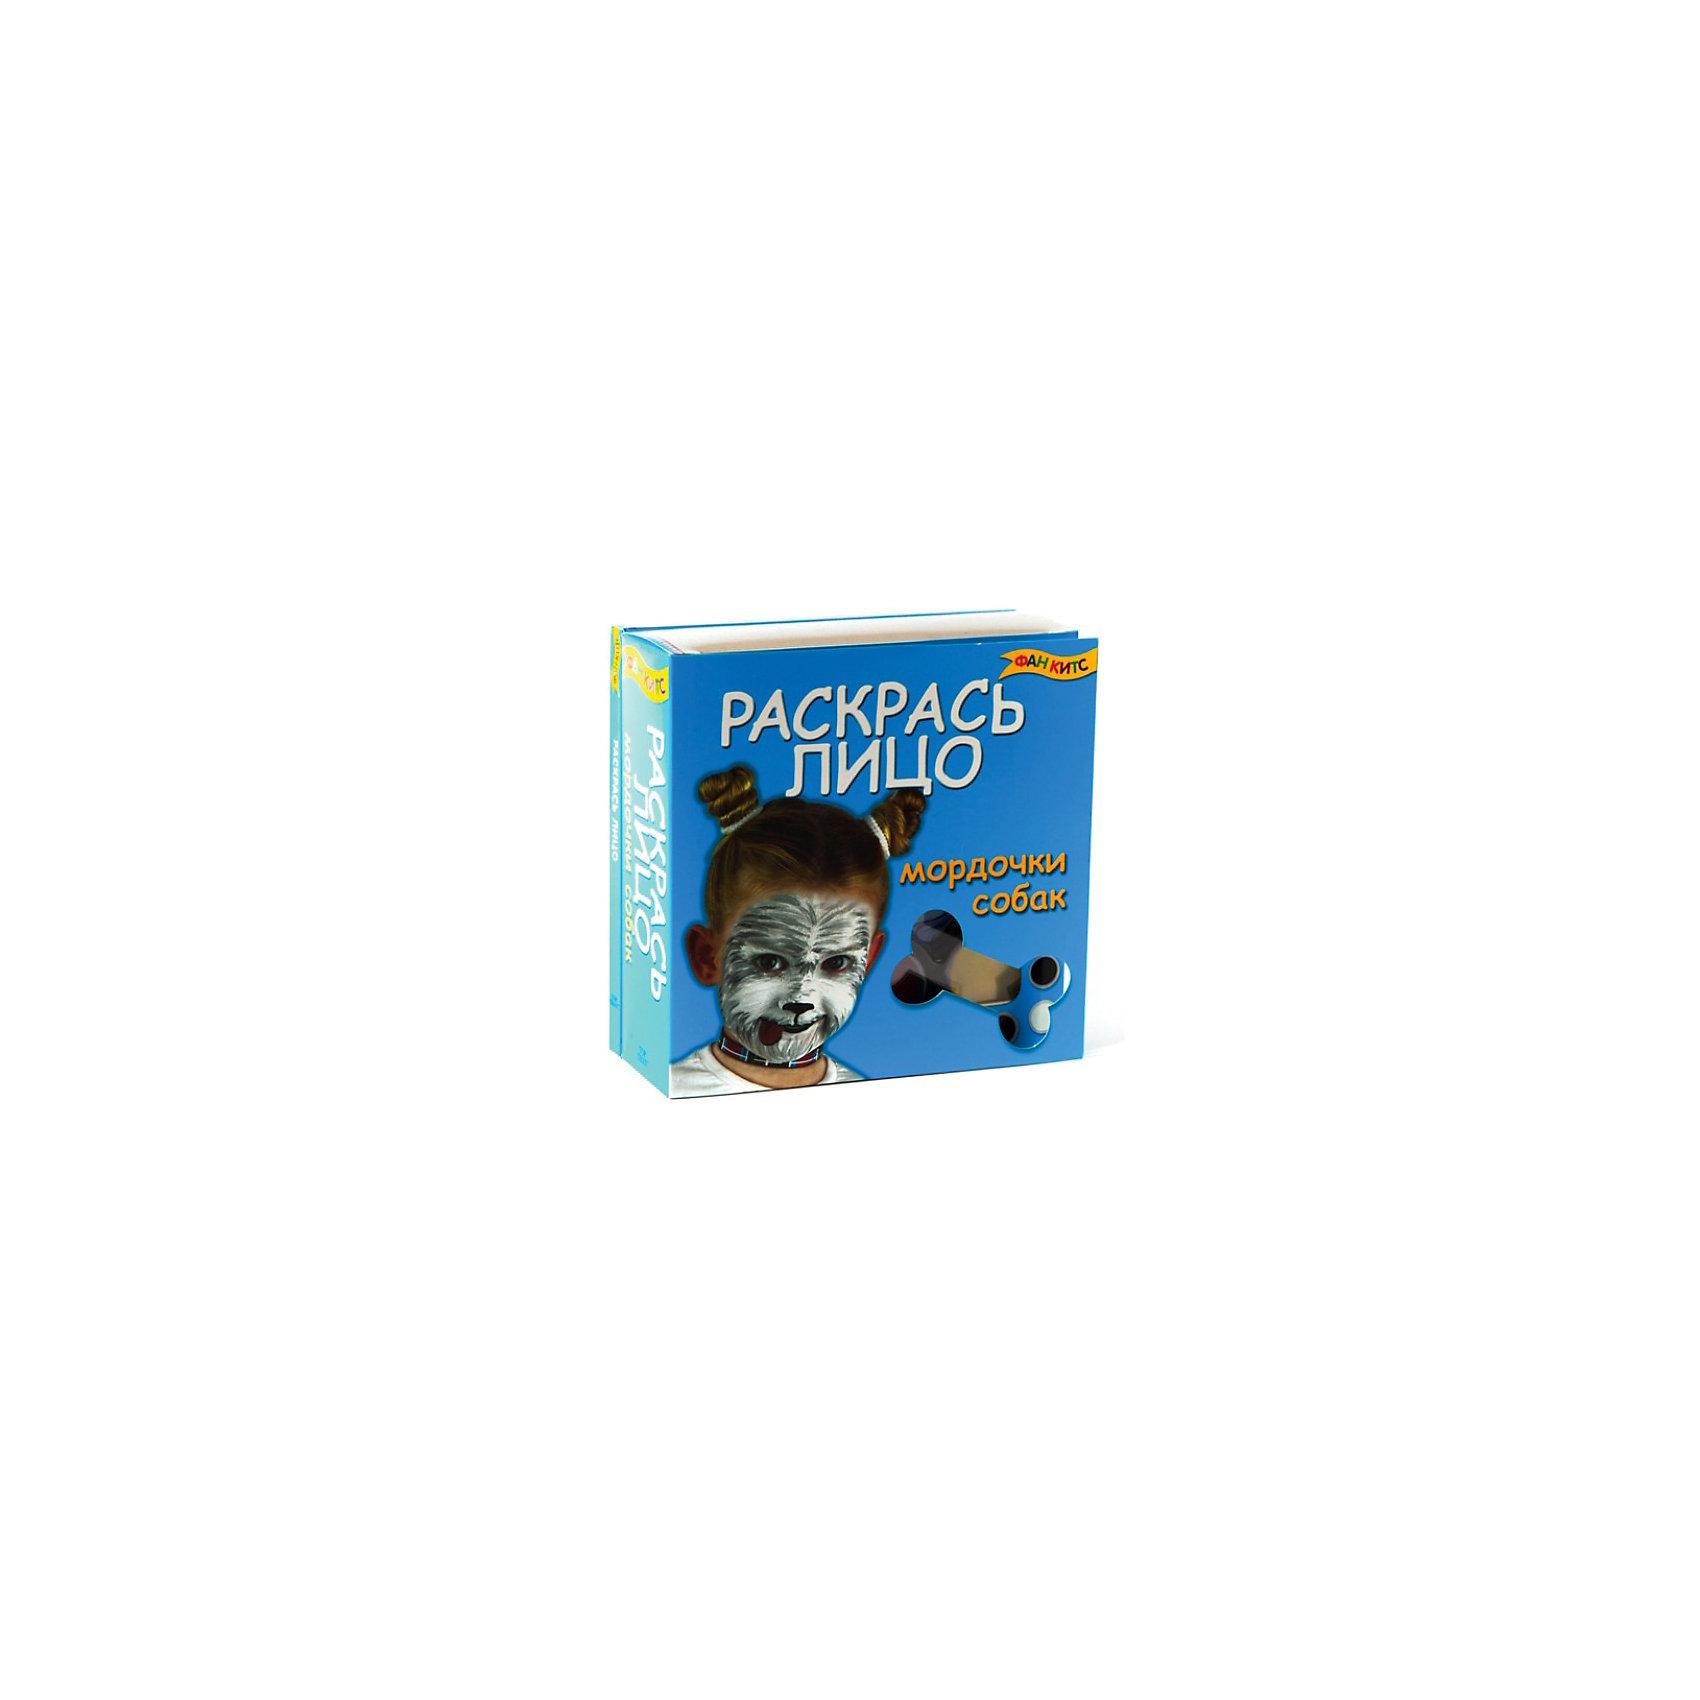 Набор раскрась лицо Мордочки собакСимвол года<br>Превратиться в забавную собачку или в свирепого хищника очень просто. Достаточно смотреть на картинки и следовать советам из нашей книги. Попробуй!<br>В наборе: книга с подробными инструкциями и картинками, краски для лица, спонж, двустороння кисть, собачьи ушки.<br><br>Ширина мм: 310<br>Глубина мм: 62<br>Высота мм: 220<br>Вес г: 500<br>Возраст от месяцев: 60<br>Возраст до месяцев: 120<br>Пол: Унисекс<br>Возраст: Детский<br>SKU: 3392053